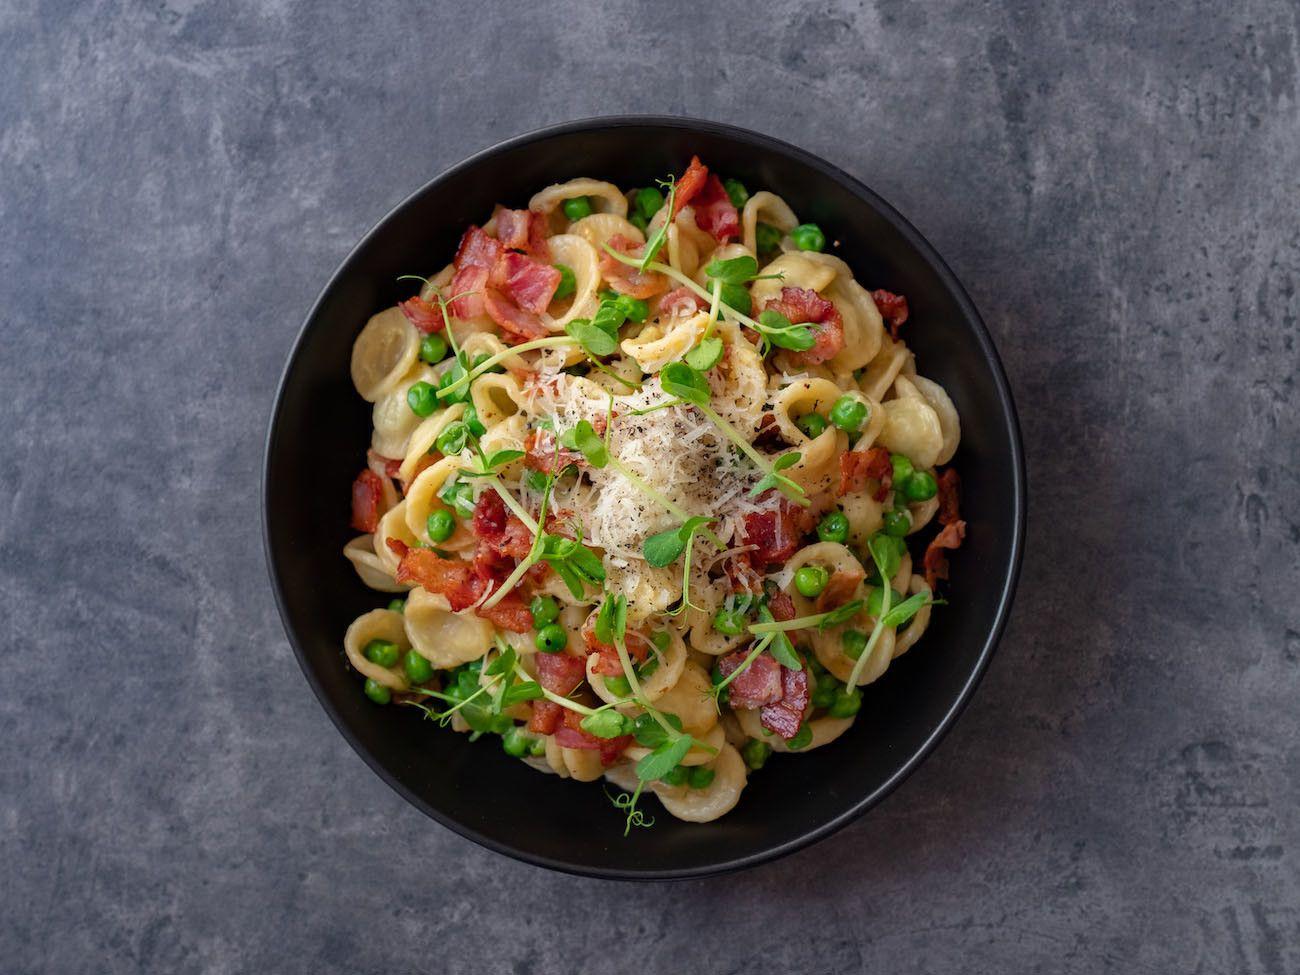 About Fuel, Foodblog, Rezept, Orecchiette mit Erbsen und Speck, Pasta, Erbsensprossen, Teller